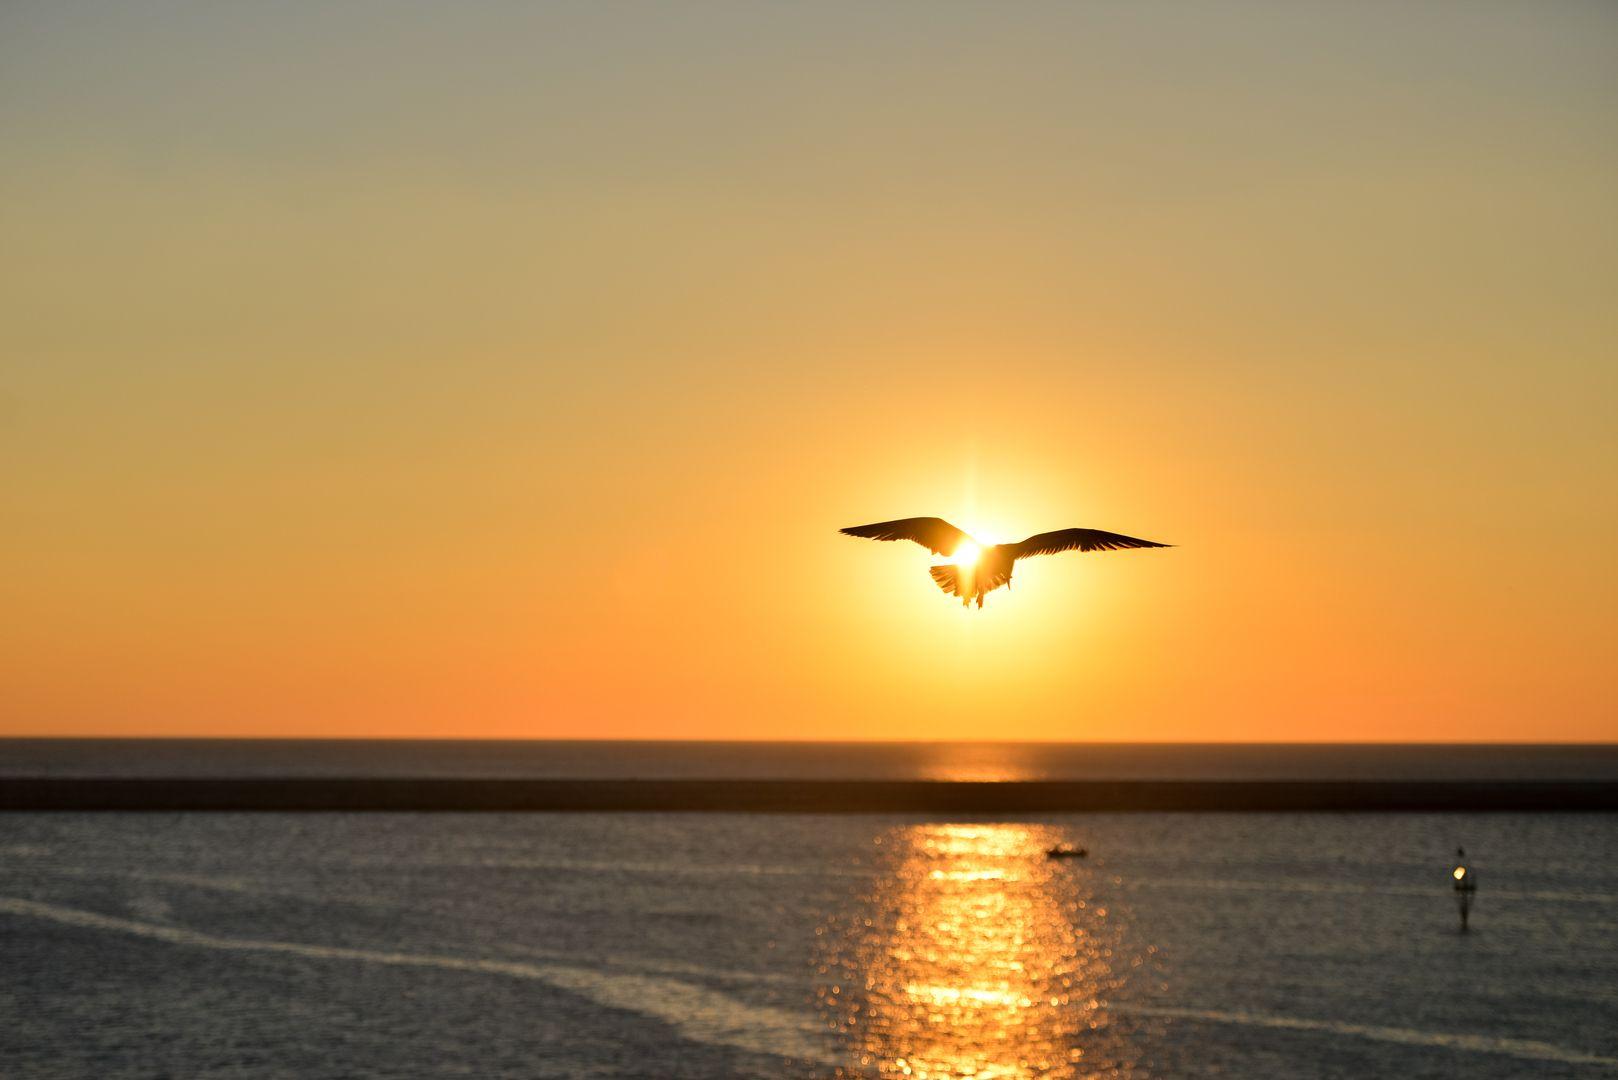 Volando Sobre El Mar En Un Atardecer Aves Volando Gaviotas